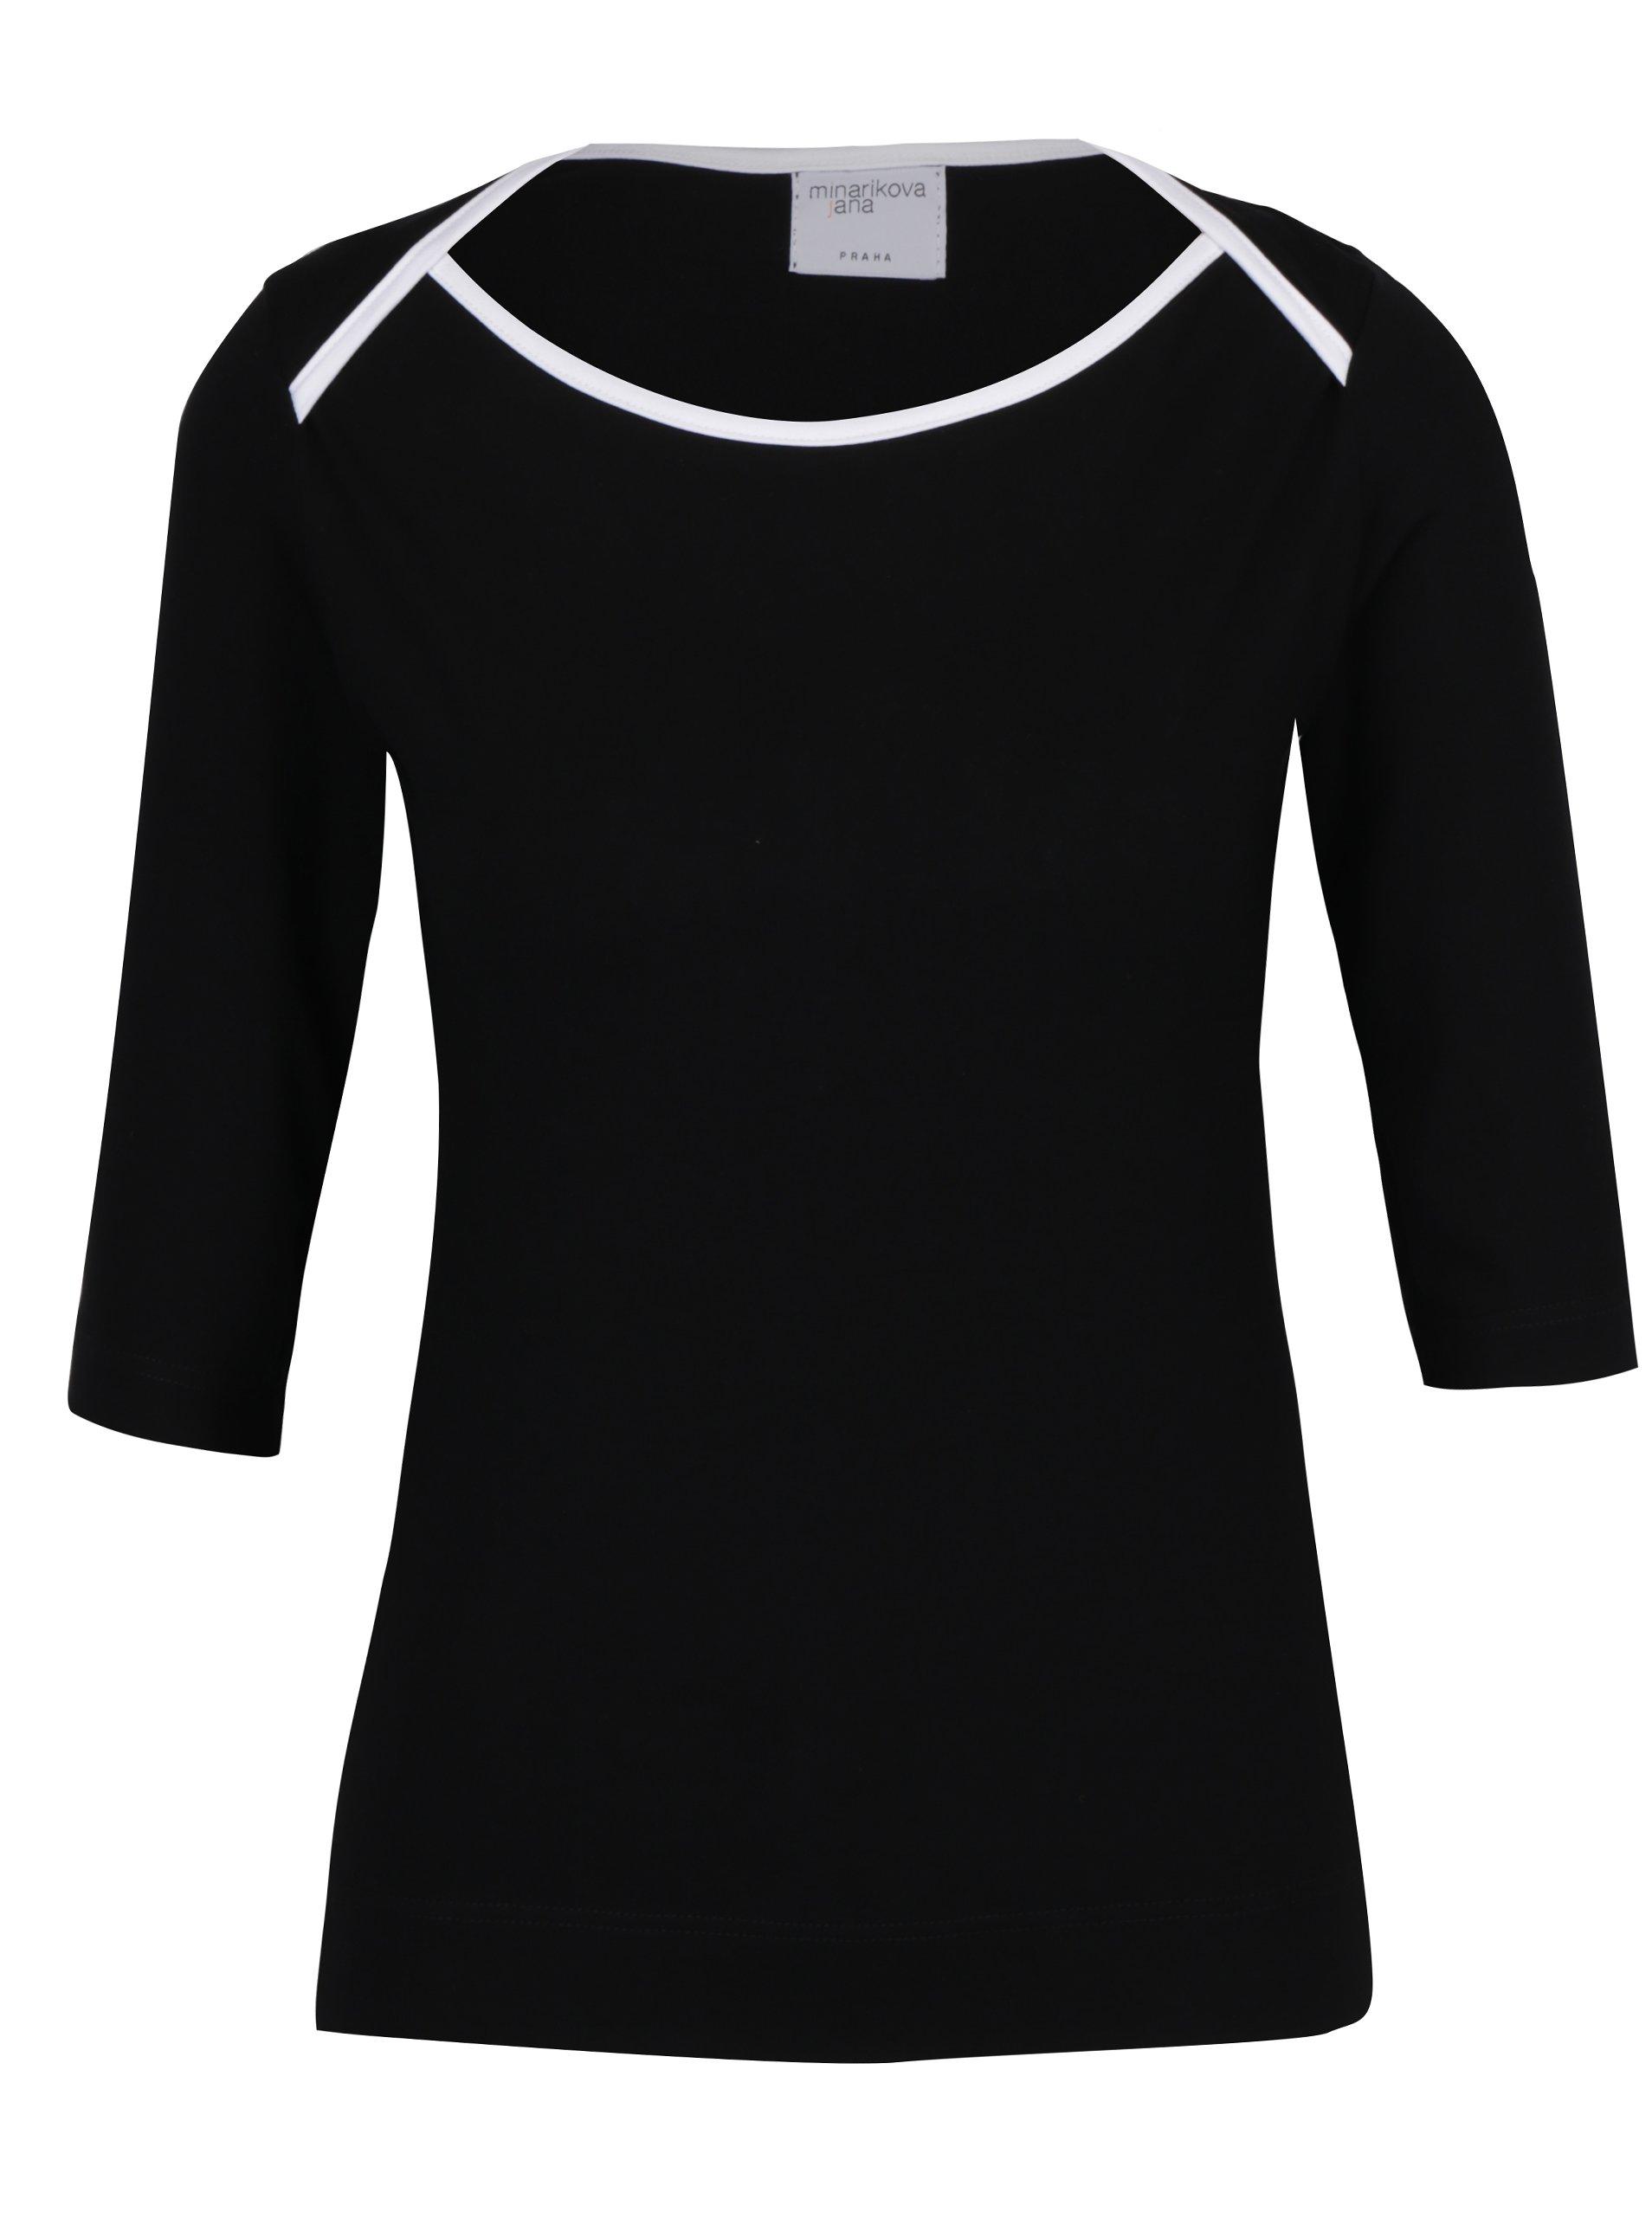 Černé tričko s lodičkovým výstřihem Jana Minaříková